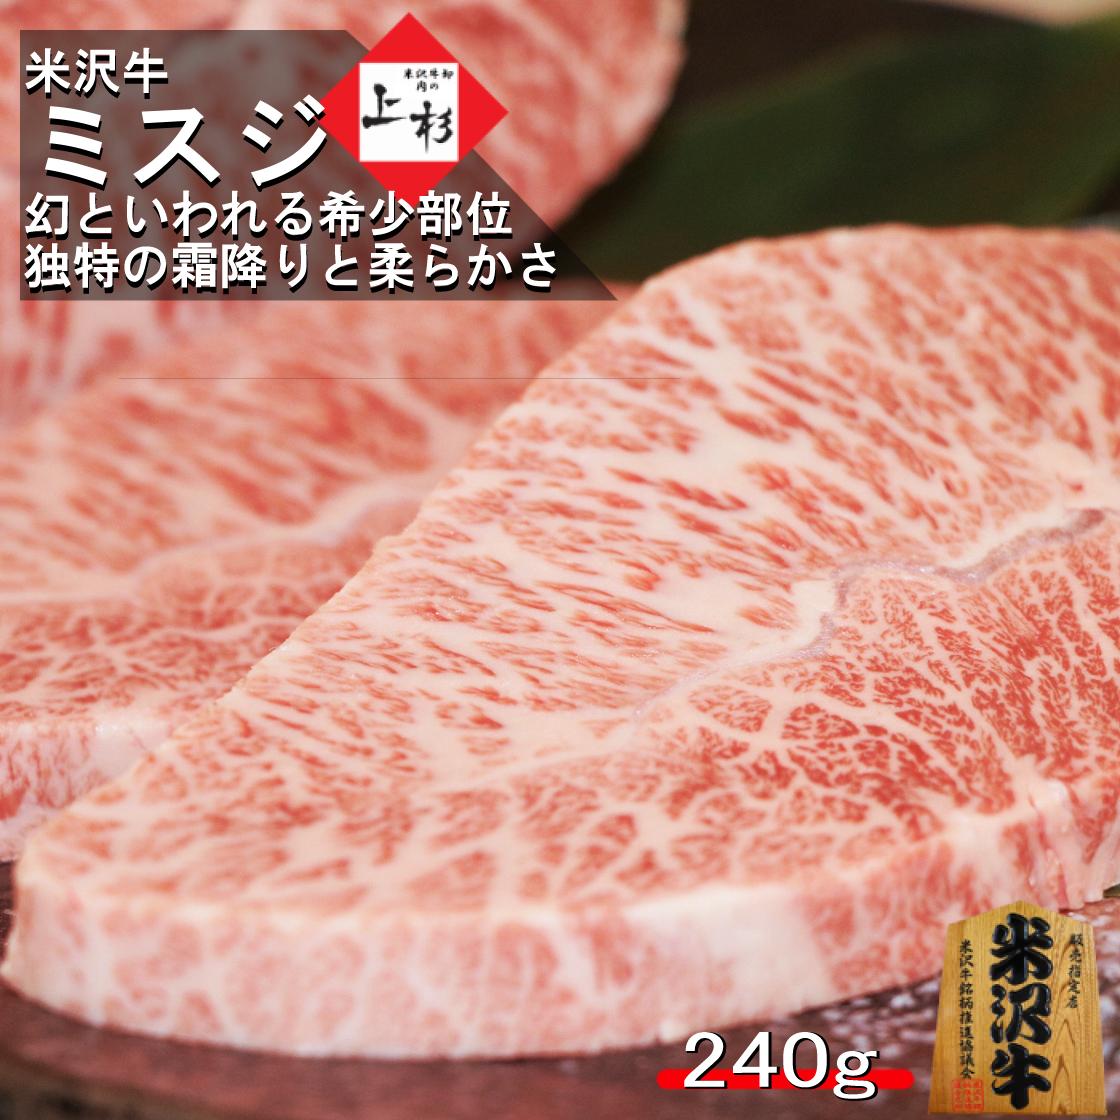 ミスジステーキなら米沢牛です。独特の霜降りと柔らかさが特徴。幻といわれる希少部位!ぜひ、ご賞味ください。 米沢牛 ミスジ ステーキ 240g (120g x 2枚) 幻の希少部位 送料無料 米沢牛入りハンバーグ付き ステーキ肉 牛肉 黒毛和牛 ギフト 和牛 国産 お取り寄せグルメ プレゼント 贈り物 贈答品 高級 高級肉 お取り寄せ 肉 ブランド牛 国産牛 御祝 御祝い 御礼 内祝 内祝い 敬老の日